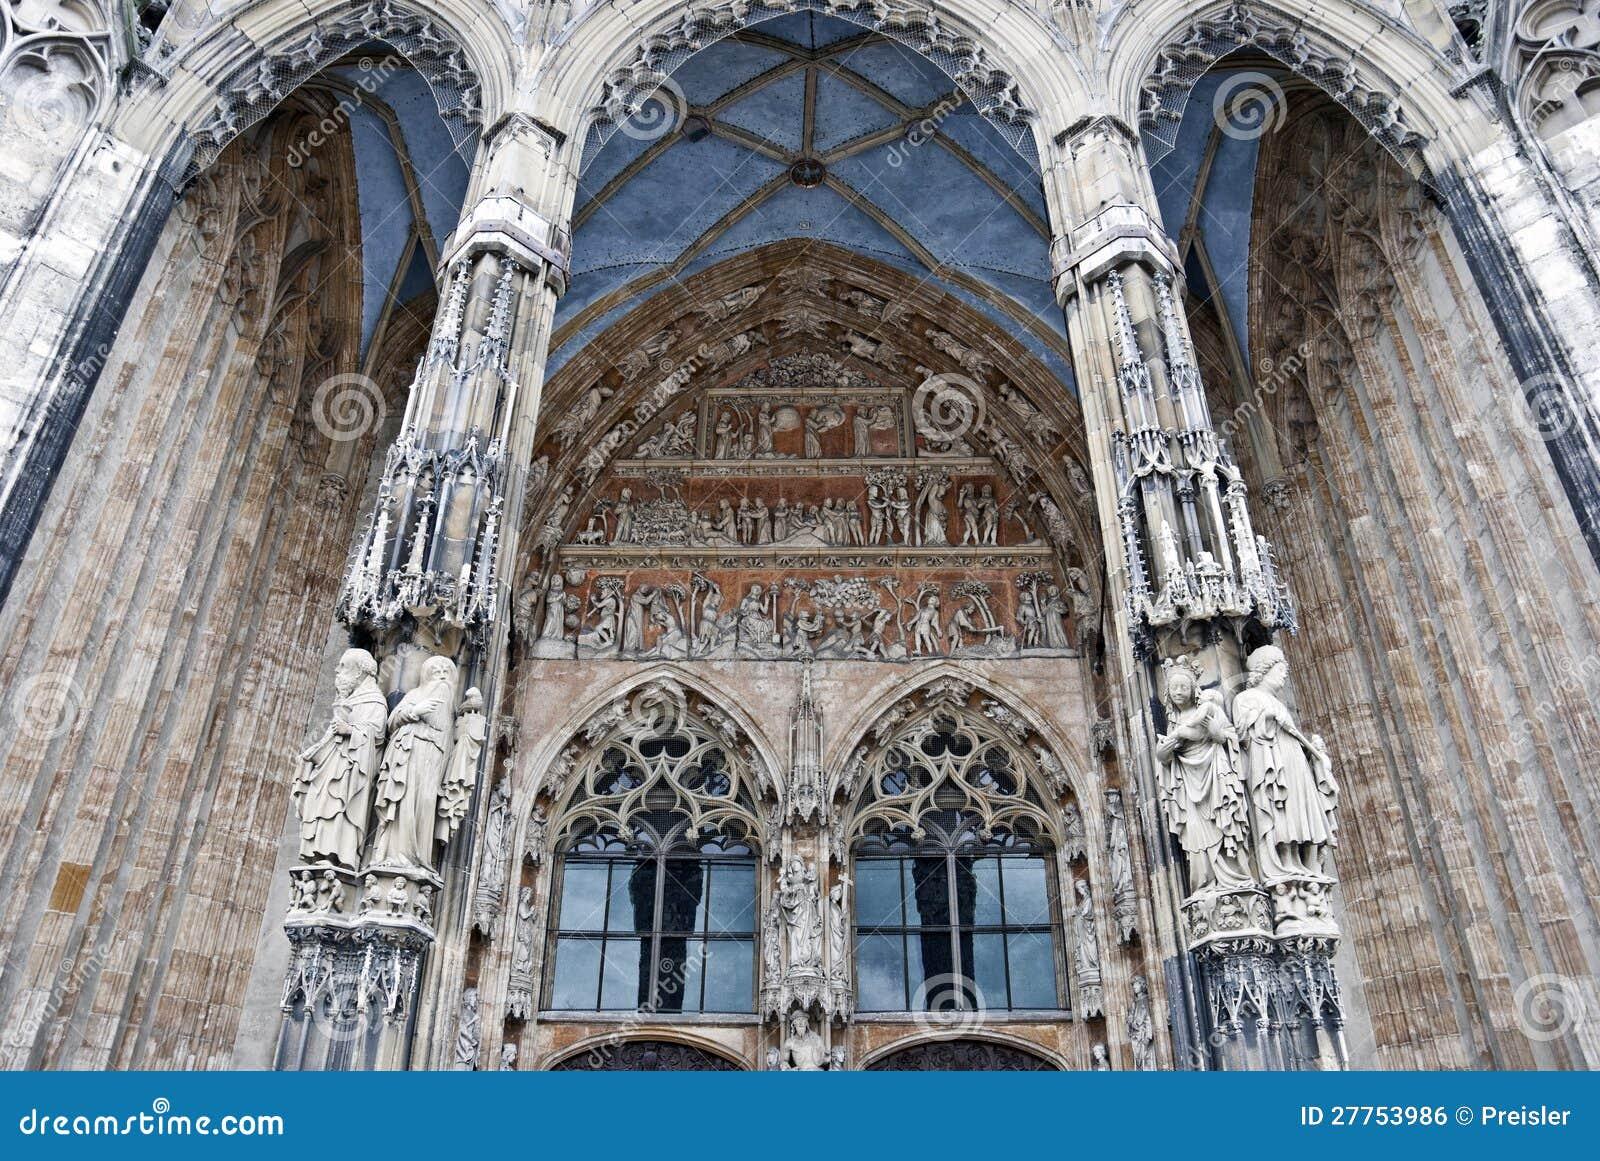 Architecture gothique - groupes